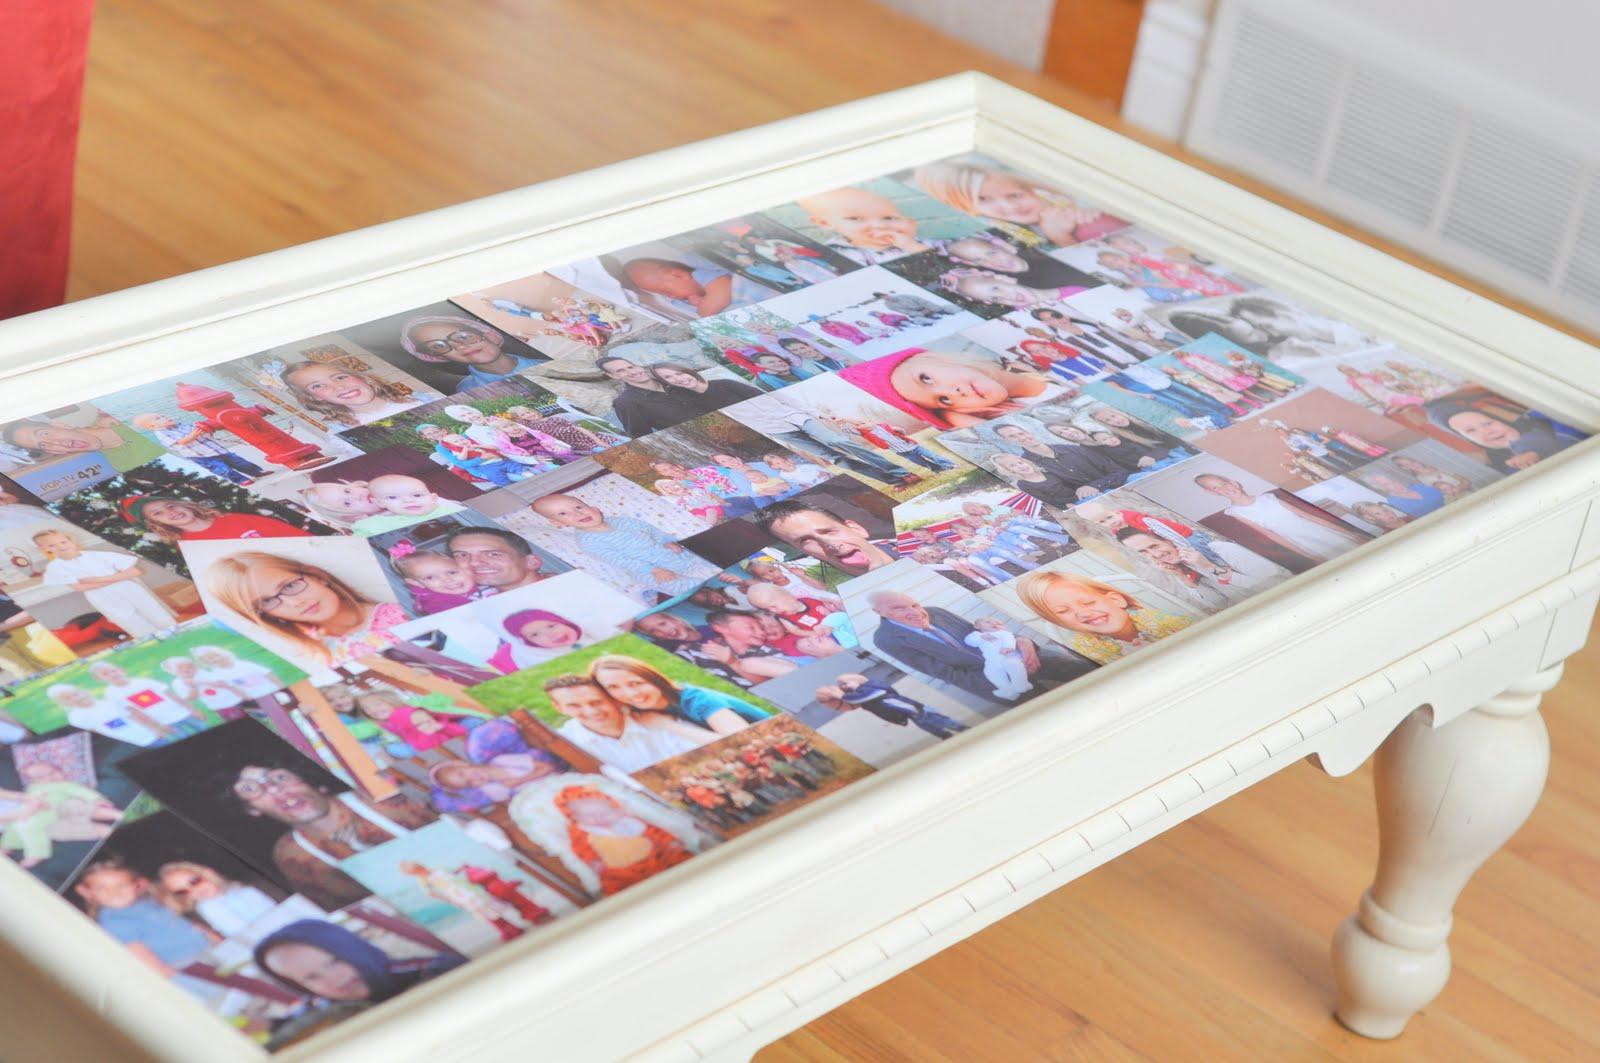 Mesa de centro com colagem de fotos DIY